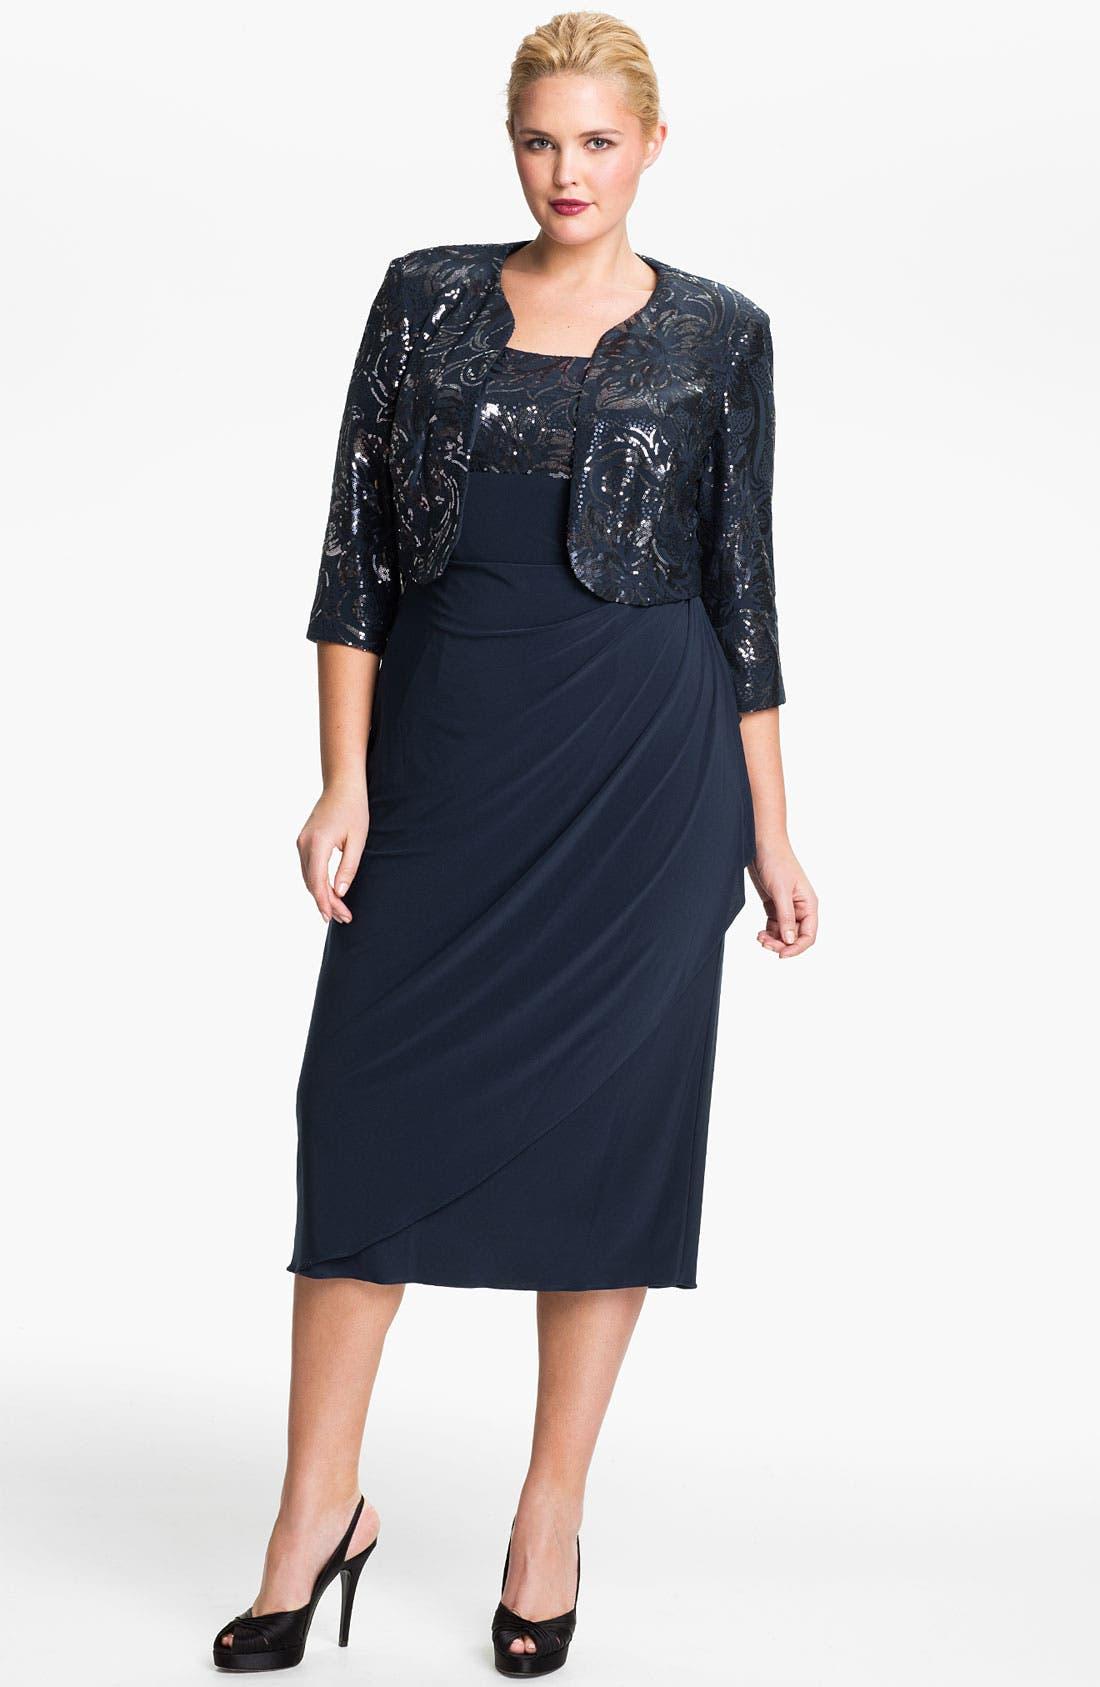 Main Image - Alex Evenings Sequin Faux Wrap Dress & Jacket (Plus)